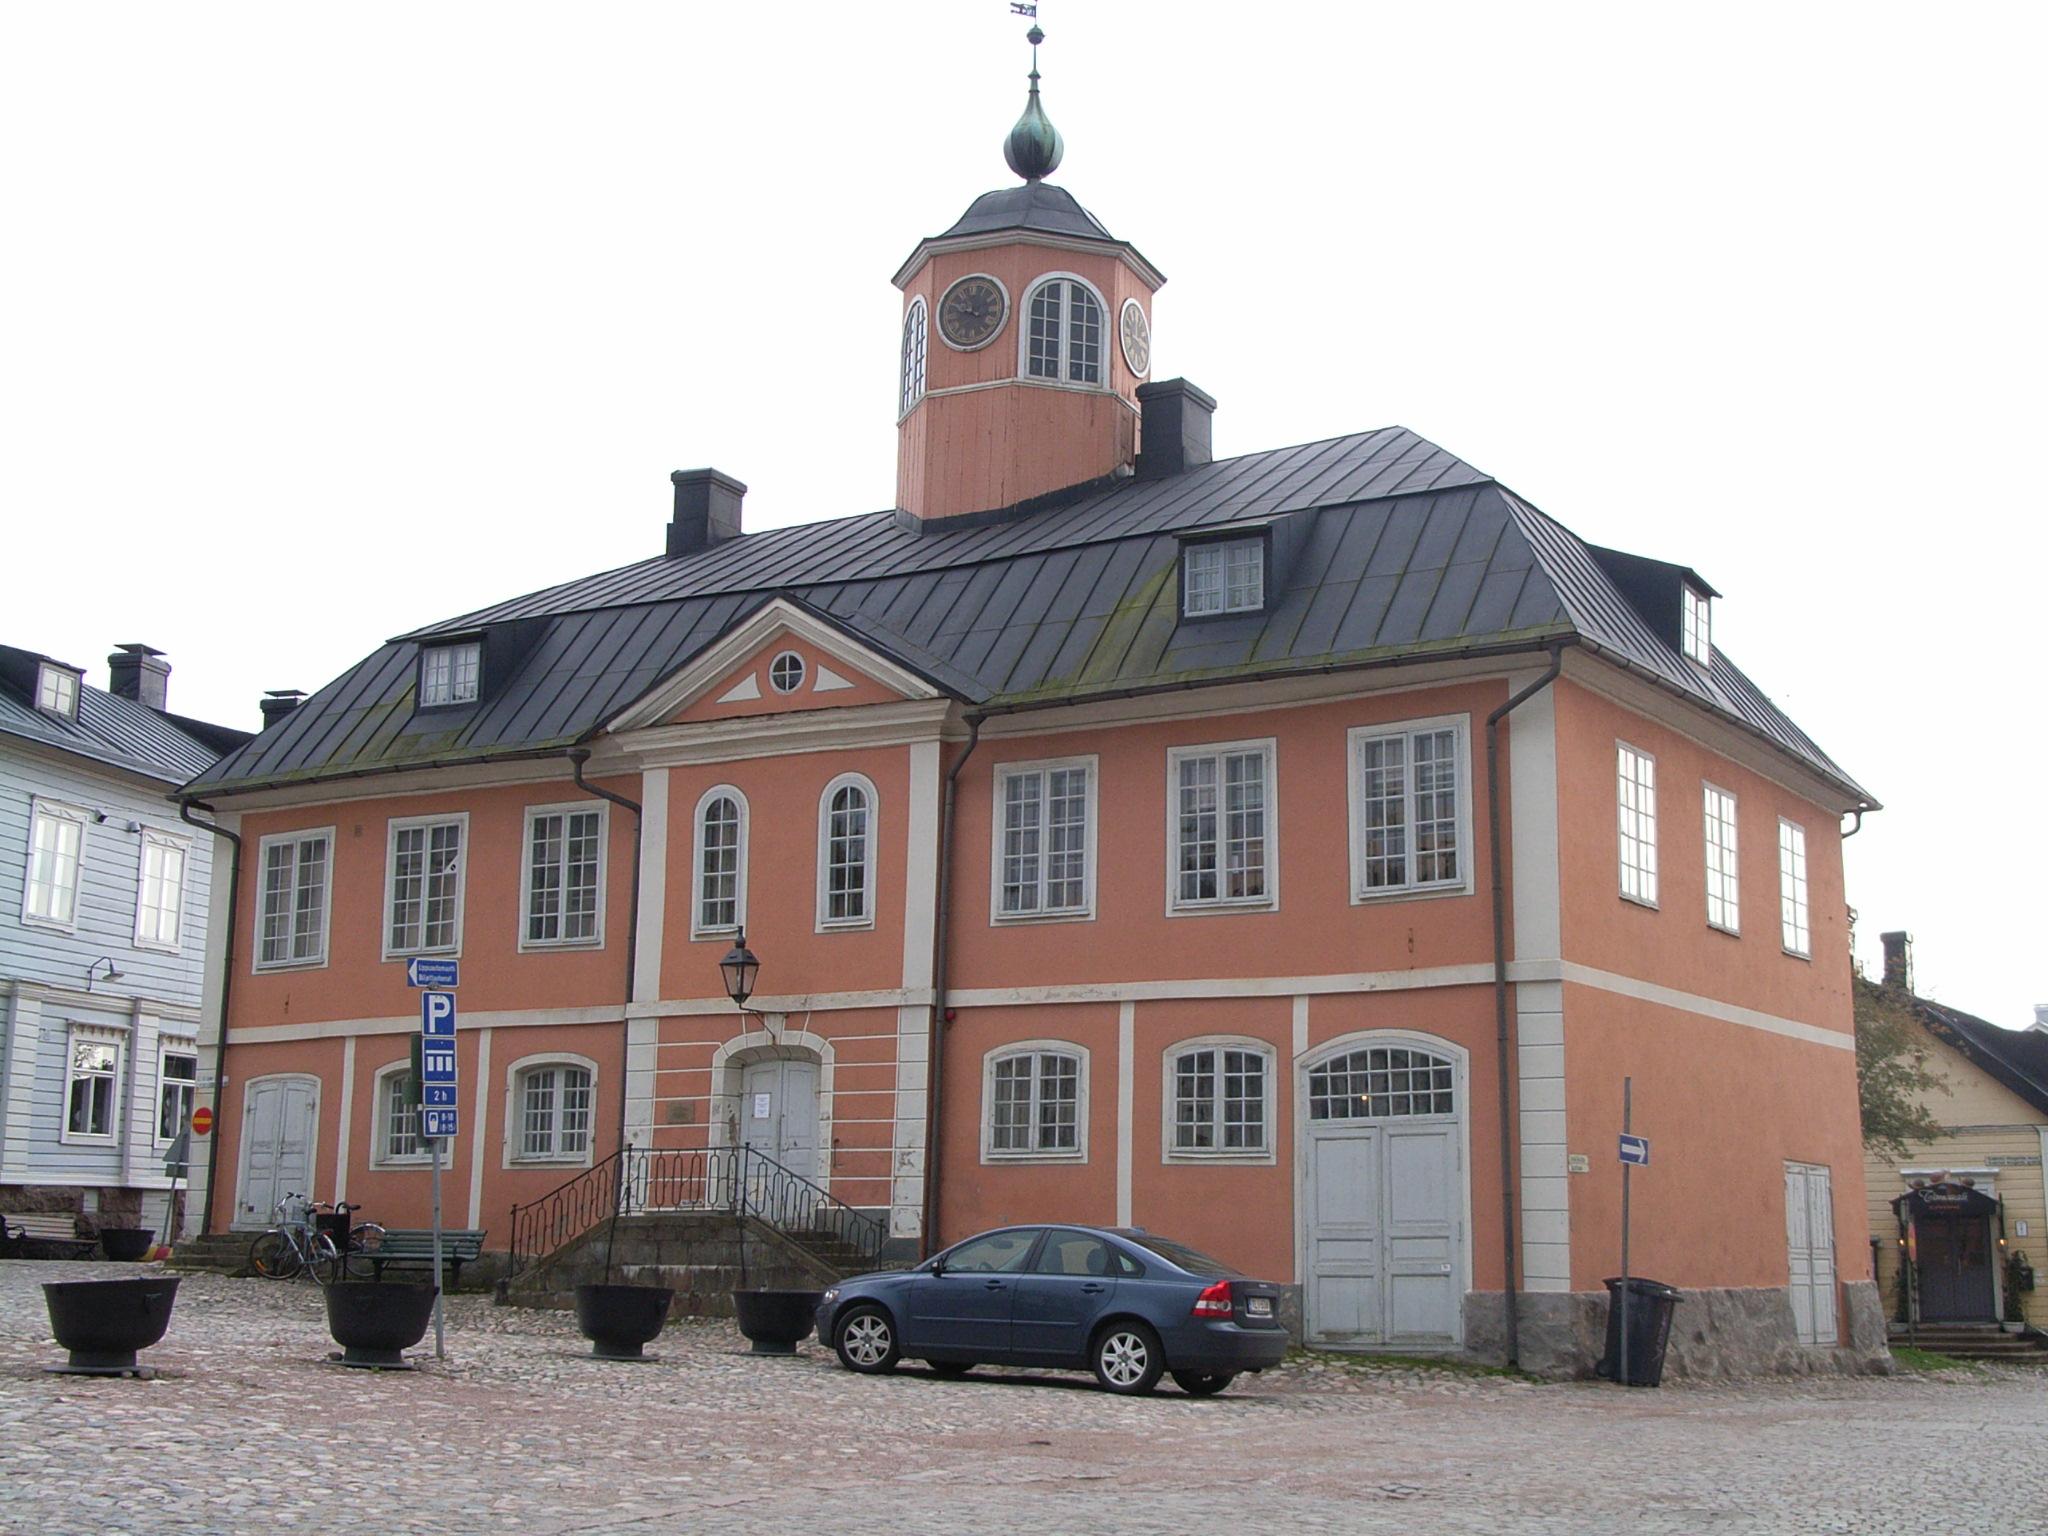 Sede del Ayuntamiento de Porvoo